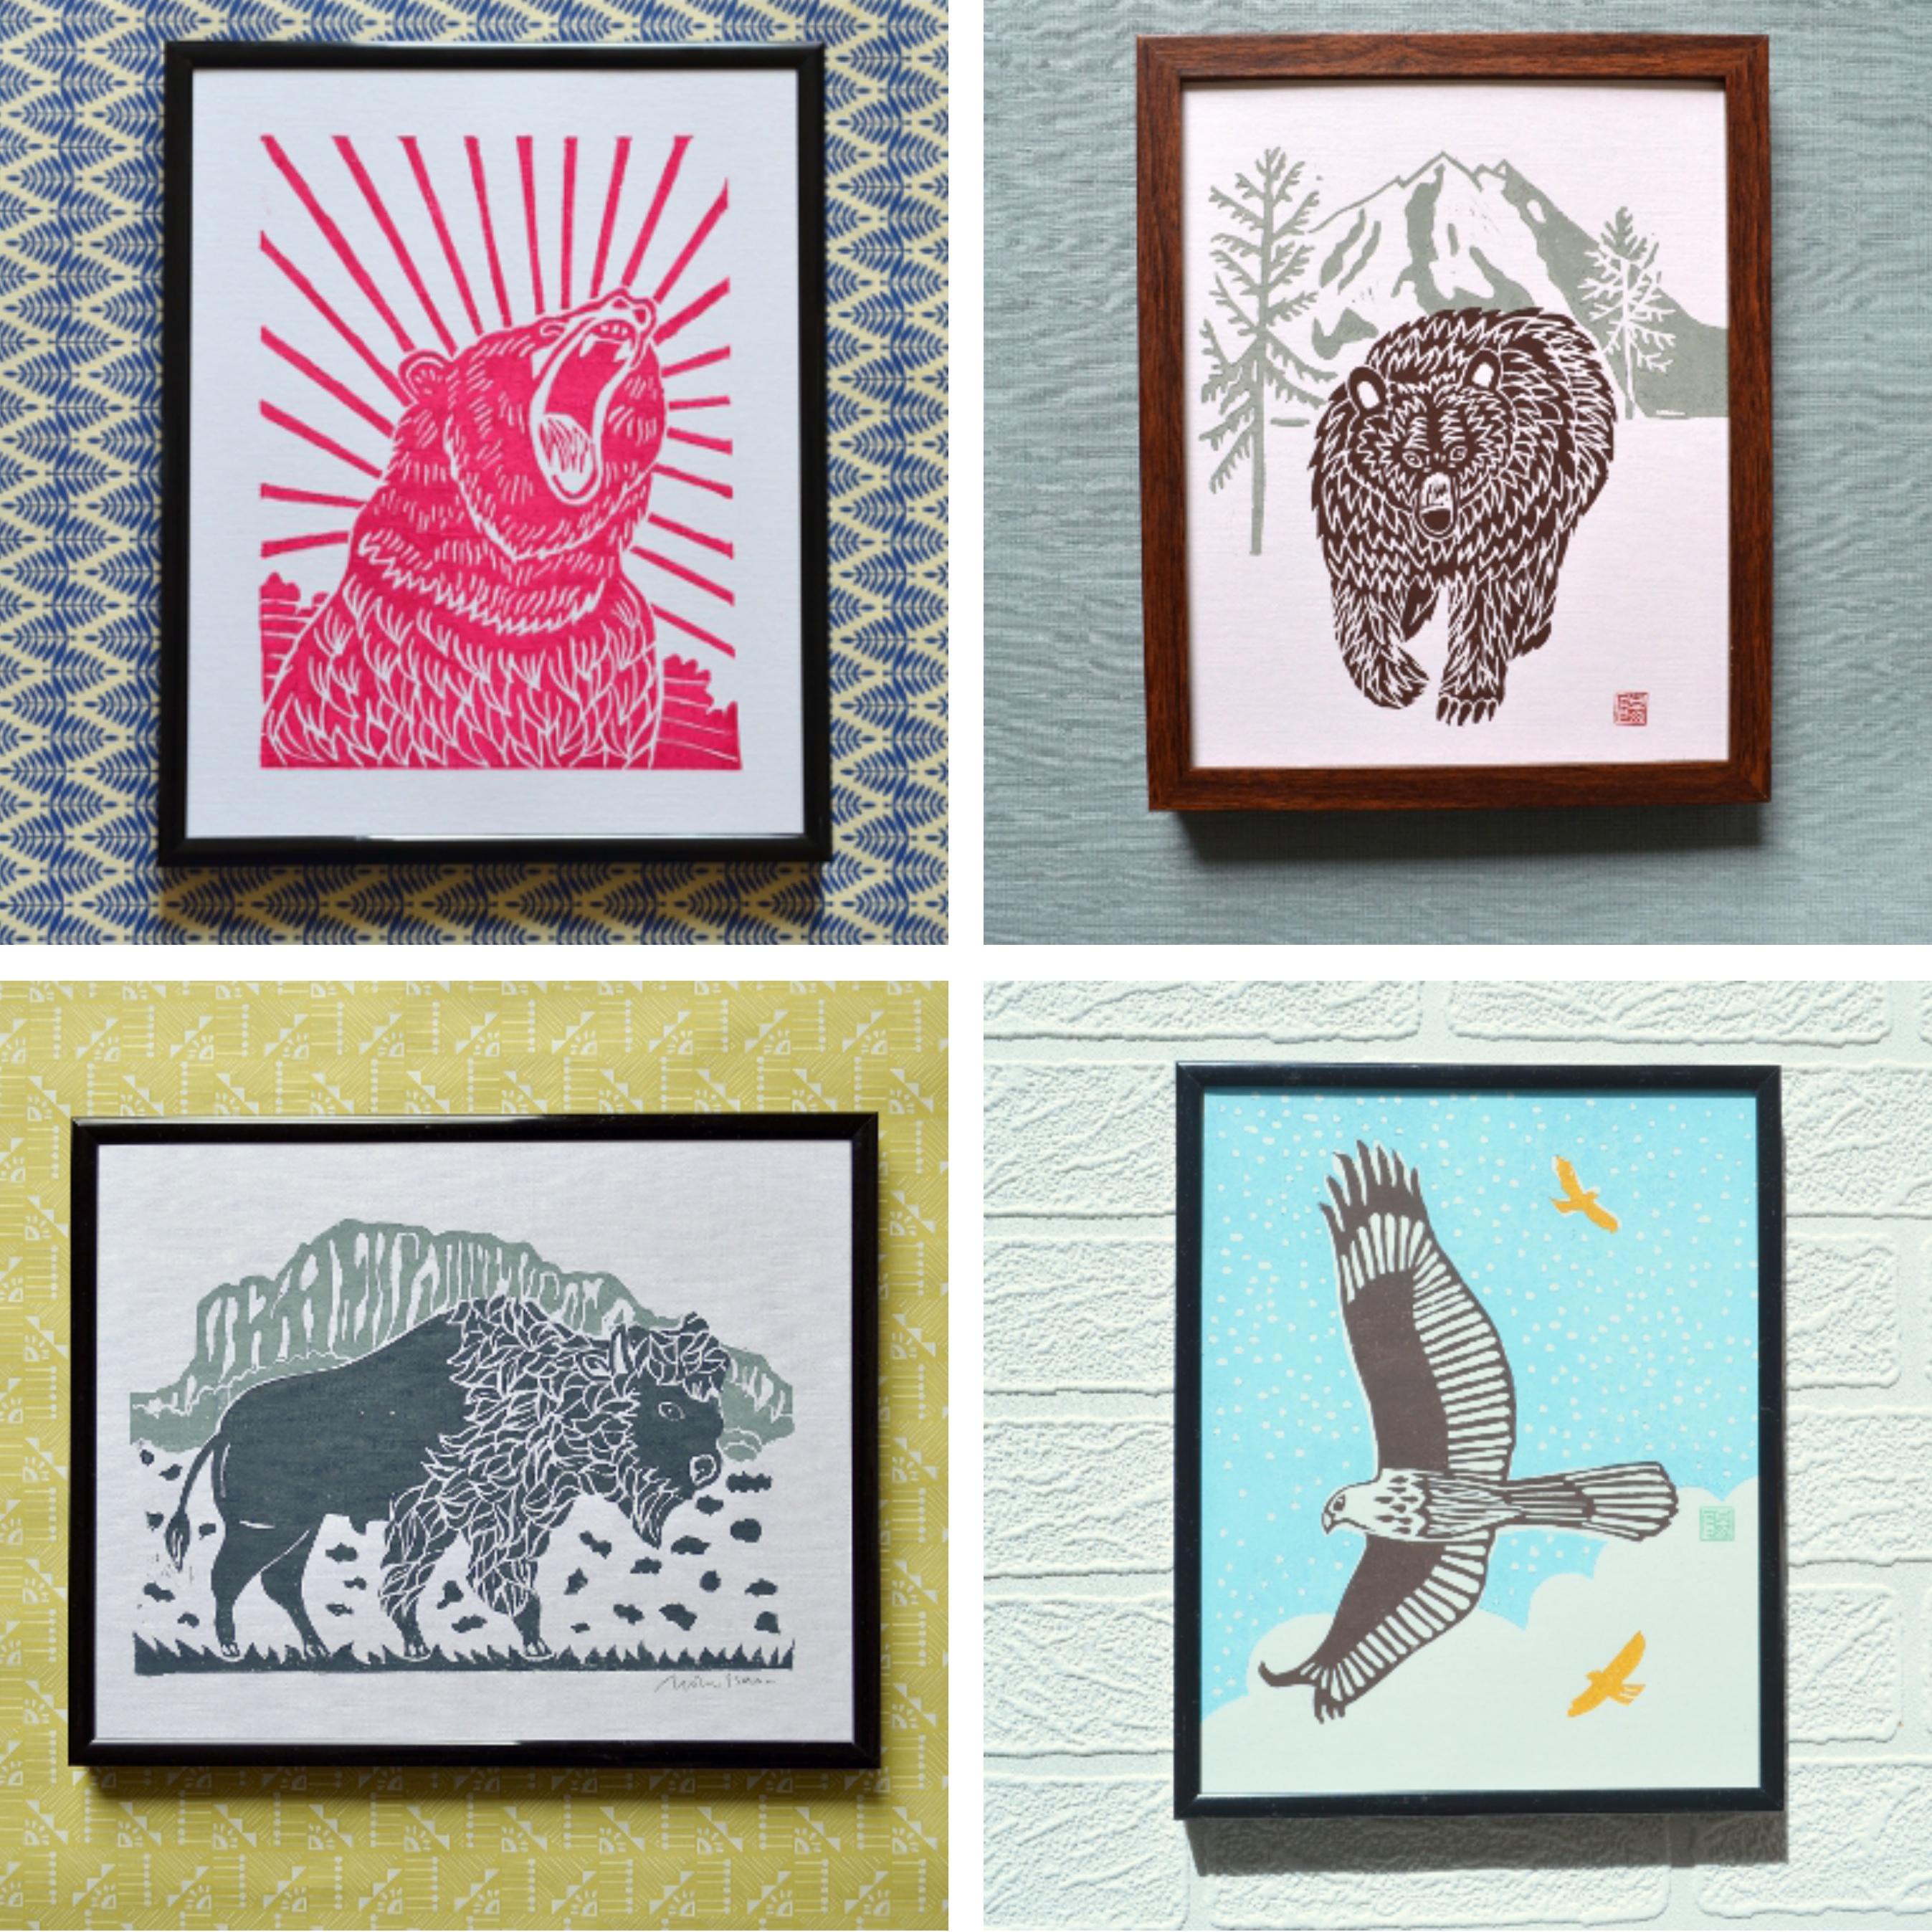 yellowstone prints, meadowlark prints, grizzly bear, bison, eagle